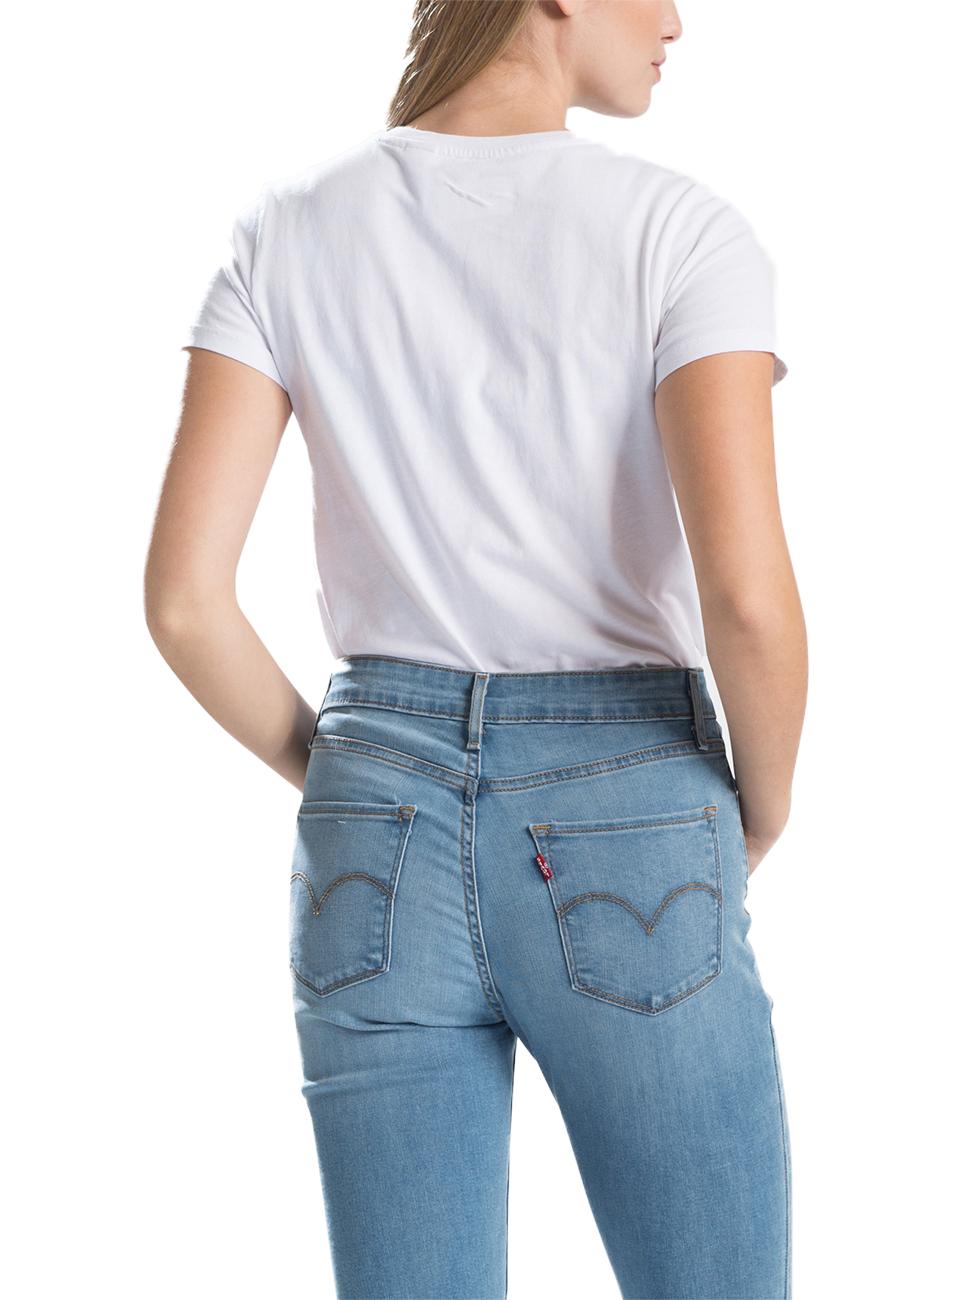 Levis Damen T-Shirt Perfect Tee